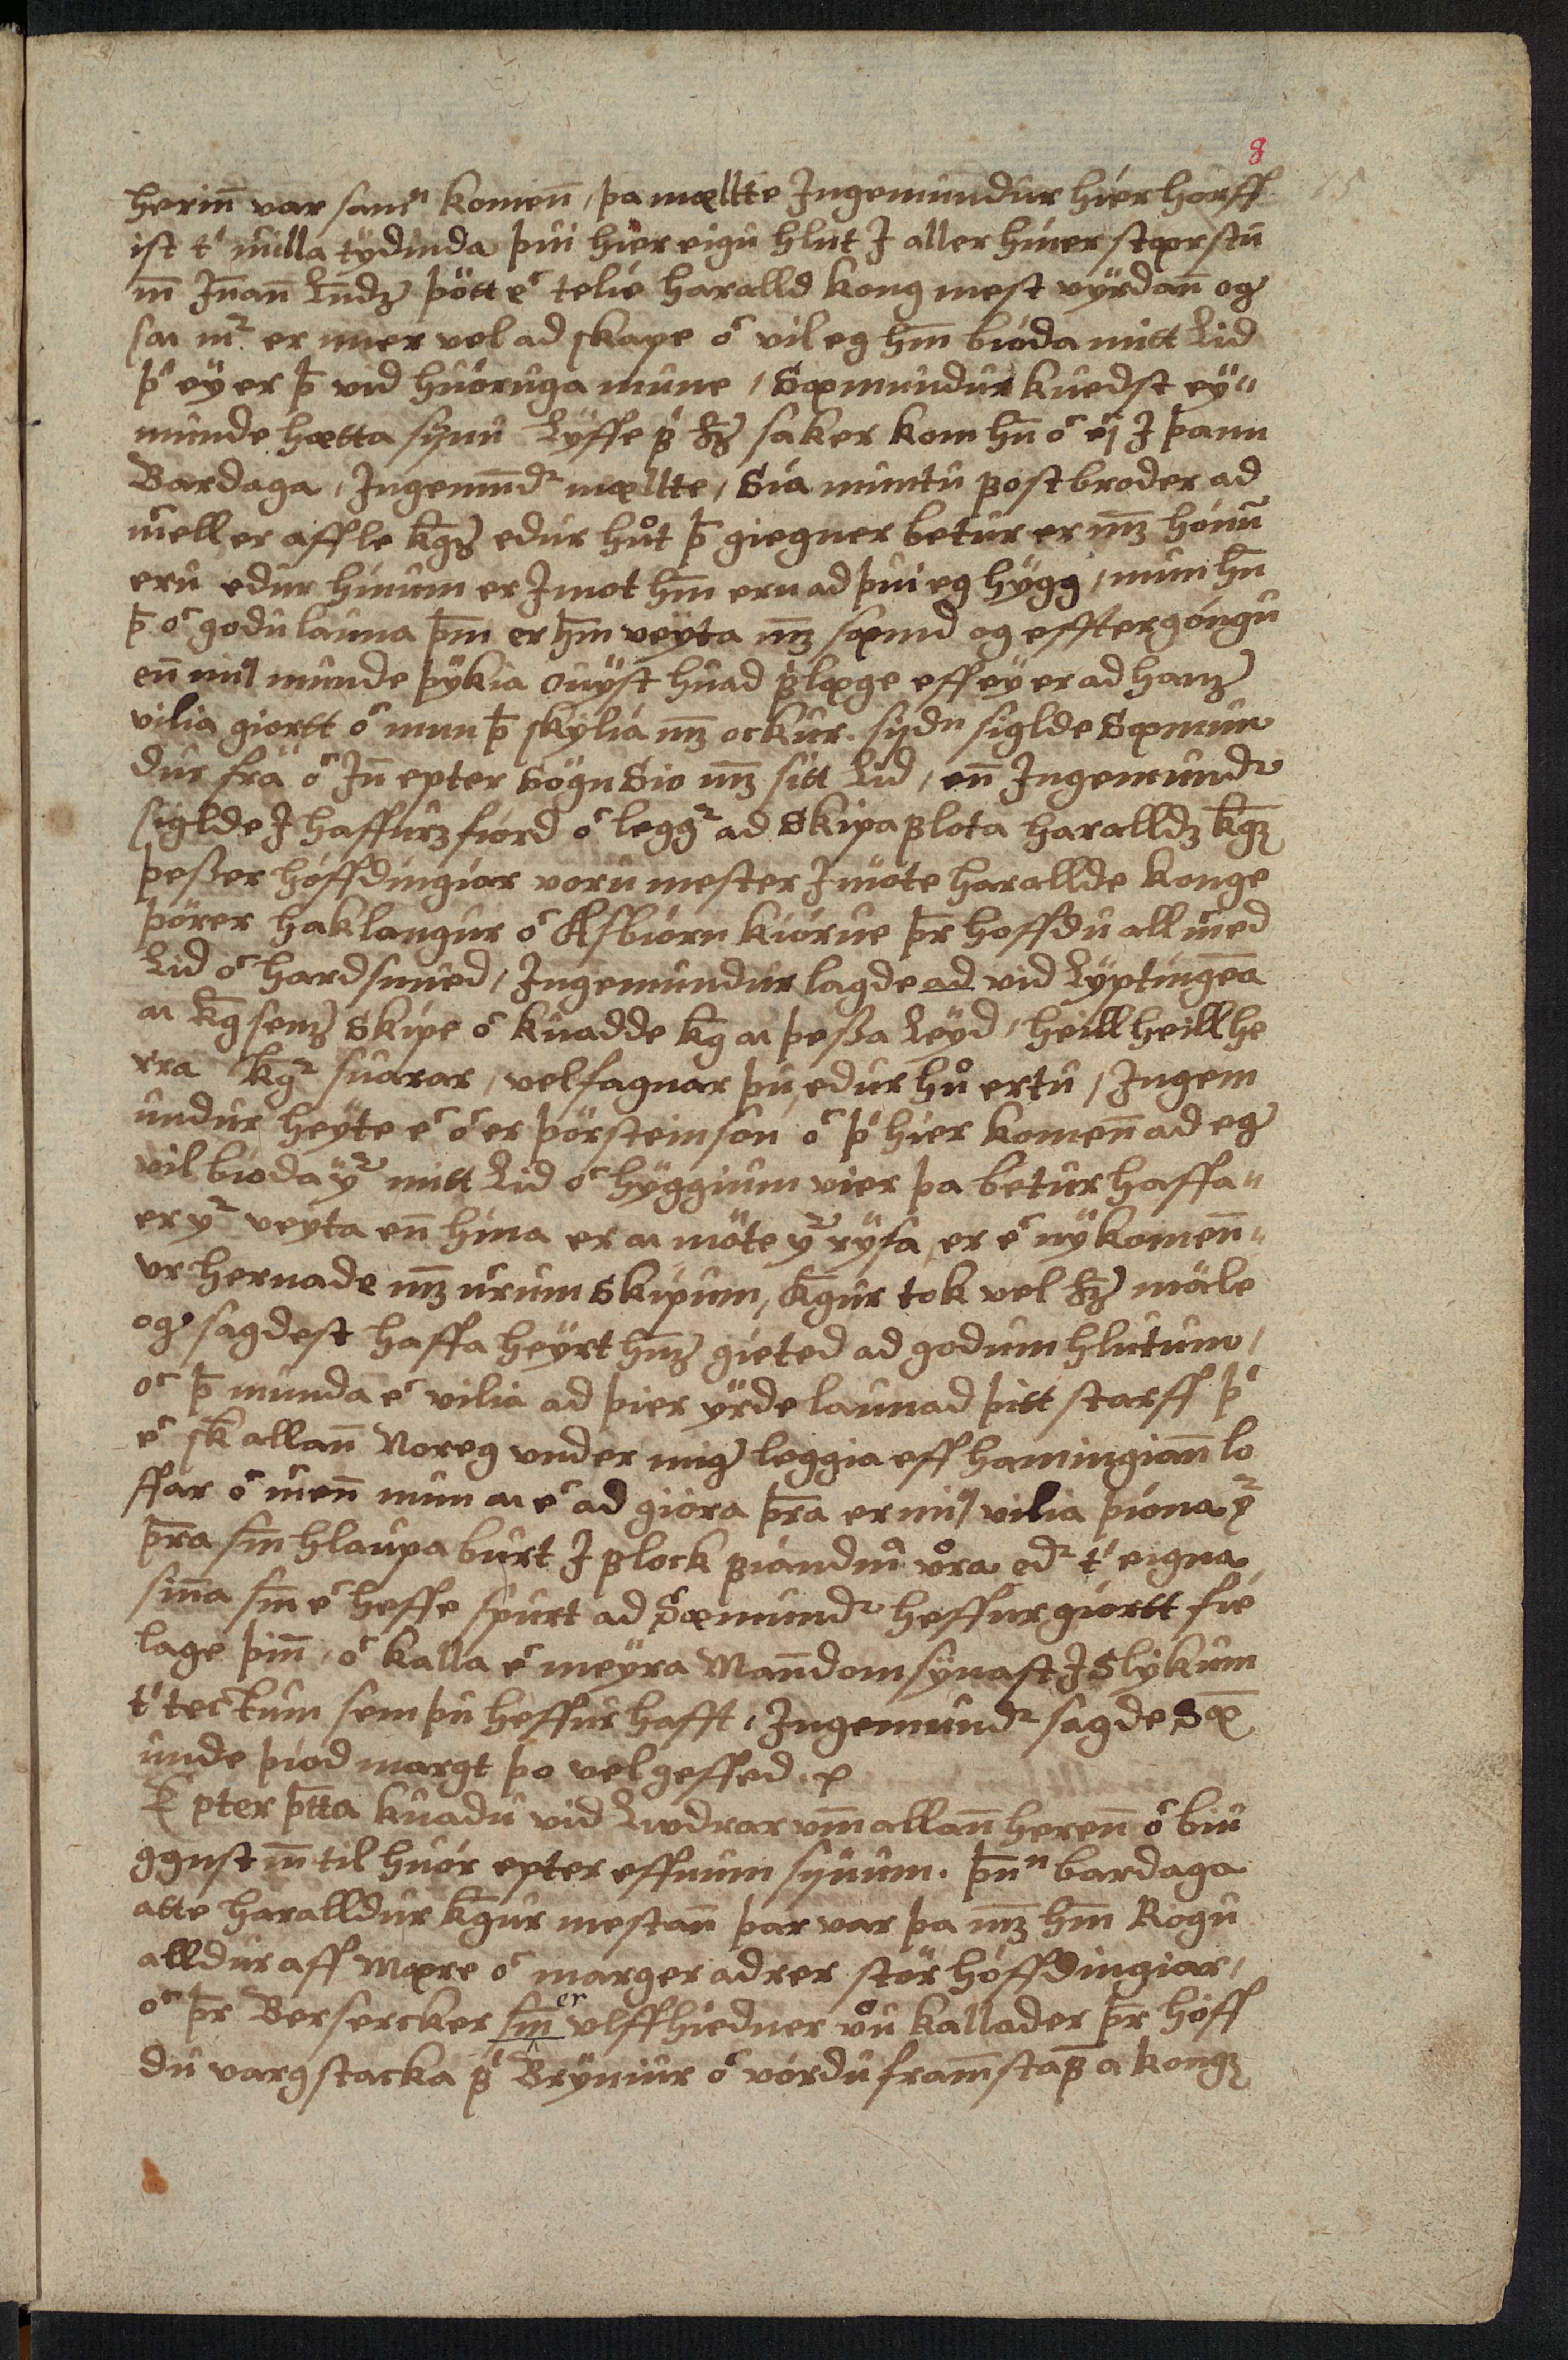 AM 138 fol - 8r